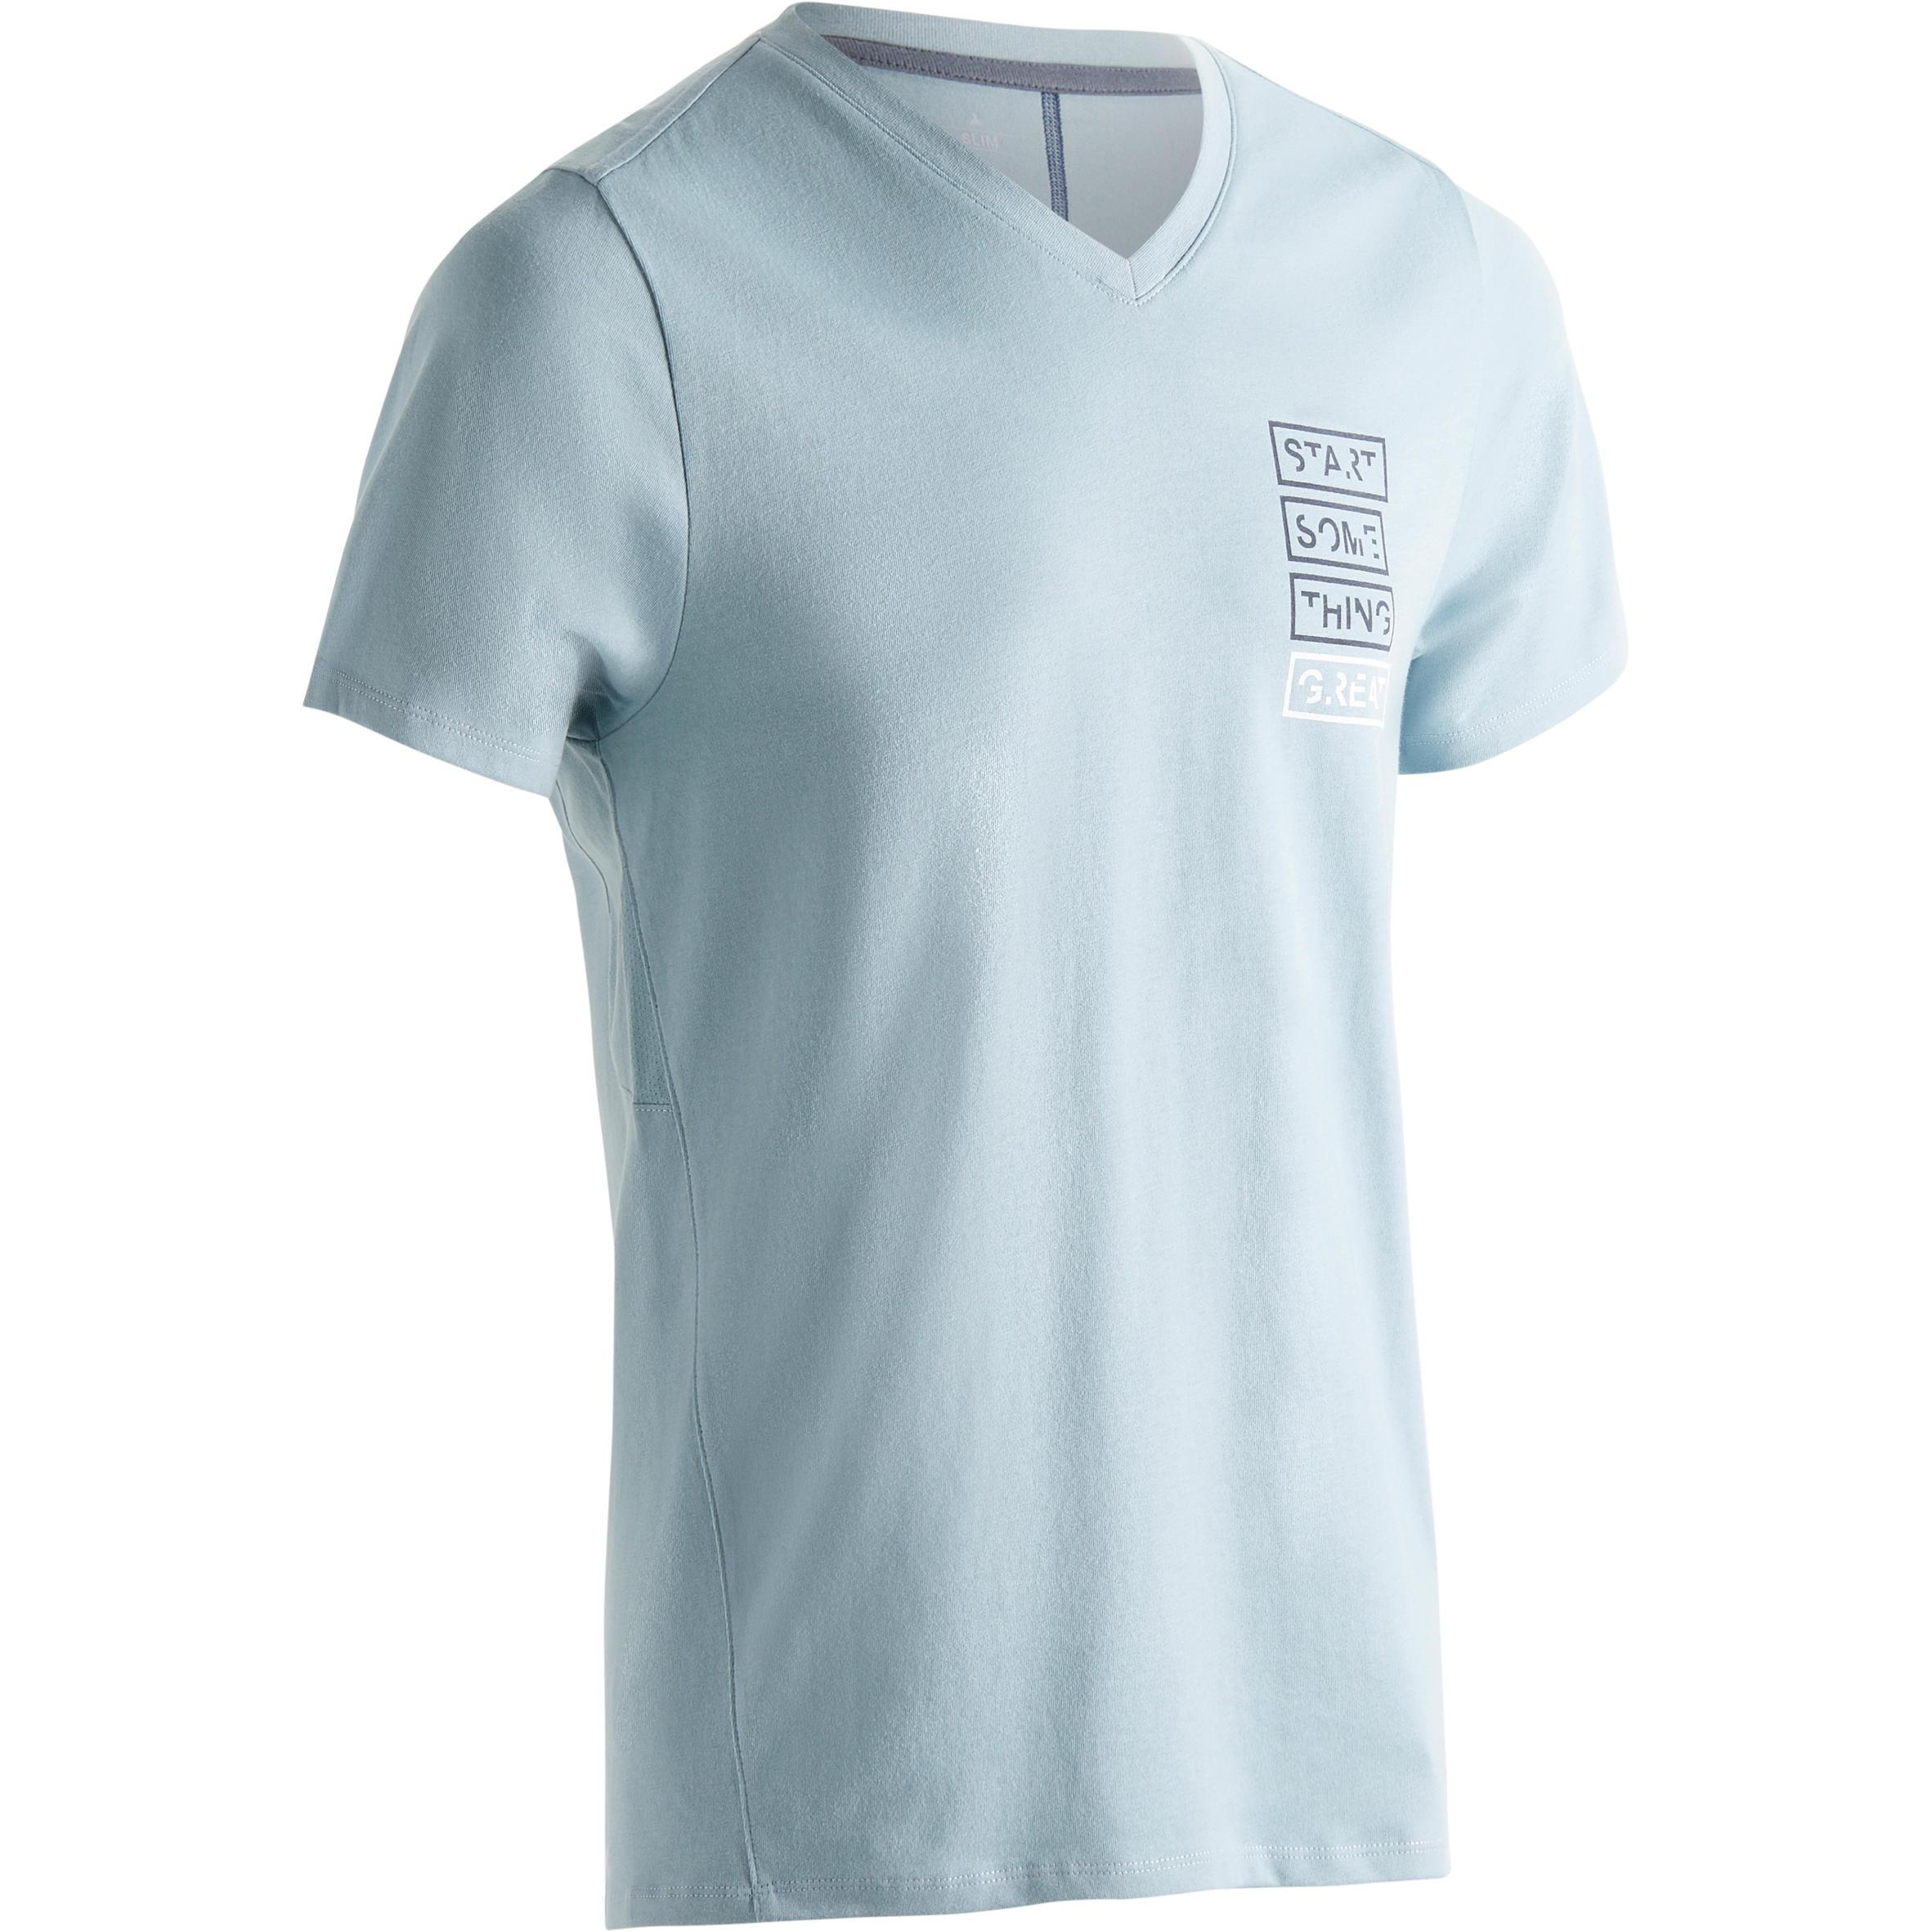 Domyos Heren T-shirt 520 voor gym en pilates slim fit, V-hals, blauw print